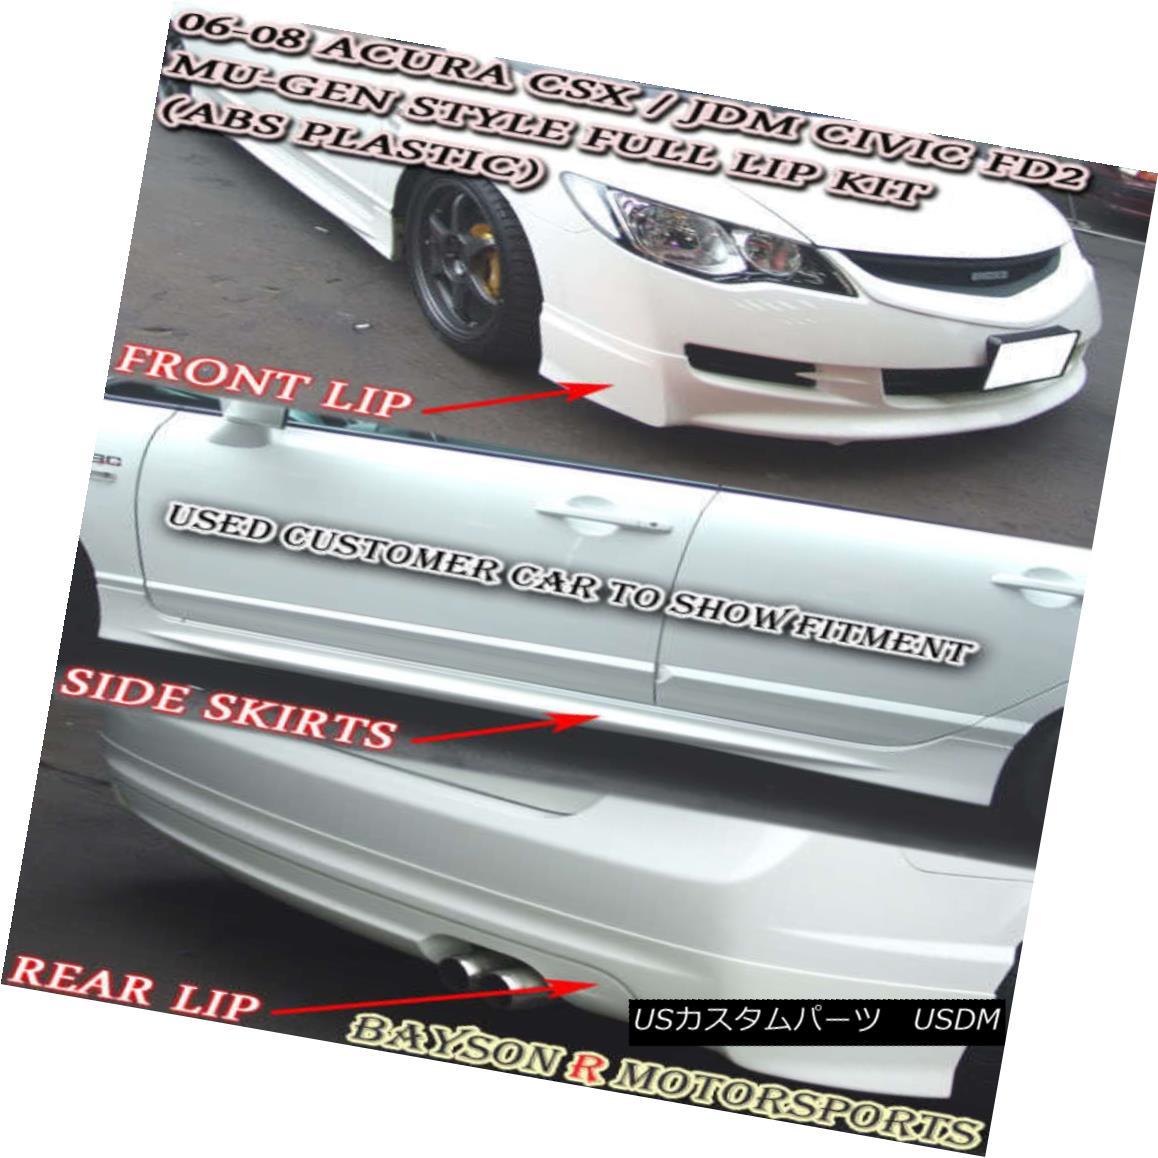 エアロパーツ Mu-gen Style Full Lip Kit Fits 06-08 CSX (JDM Civic) 4dr Mu-genスタイルフルリップキットは06-08 CSX(JDM Civic)4drに適合